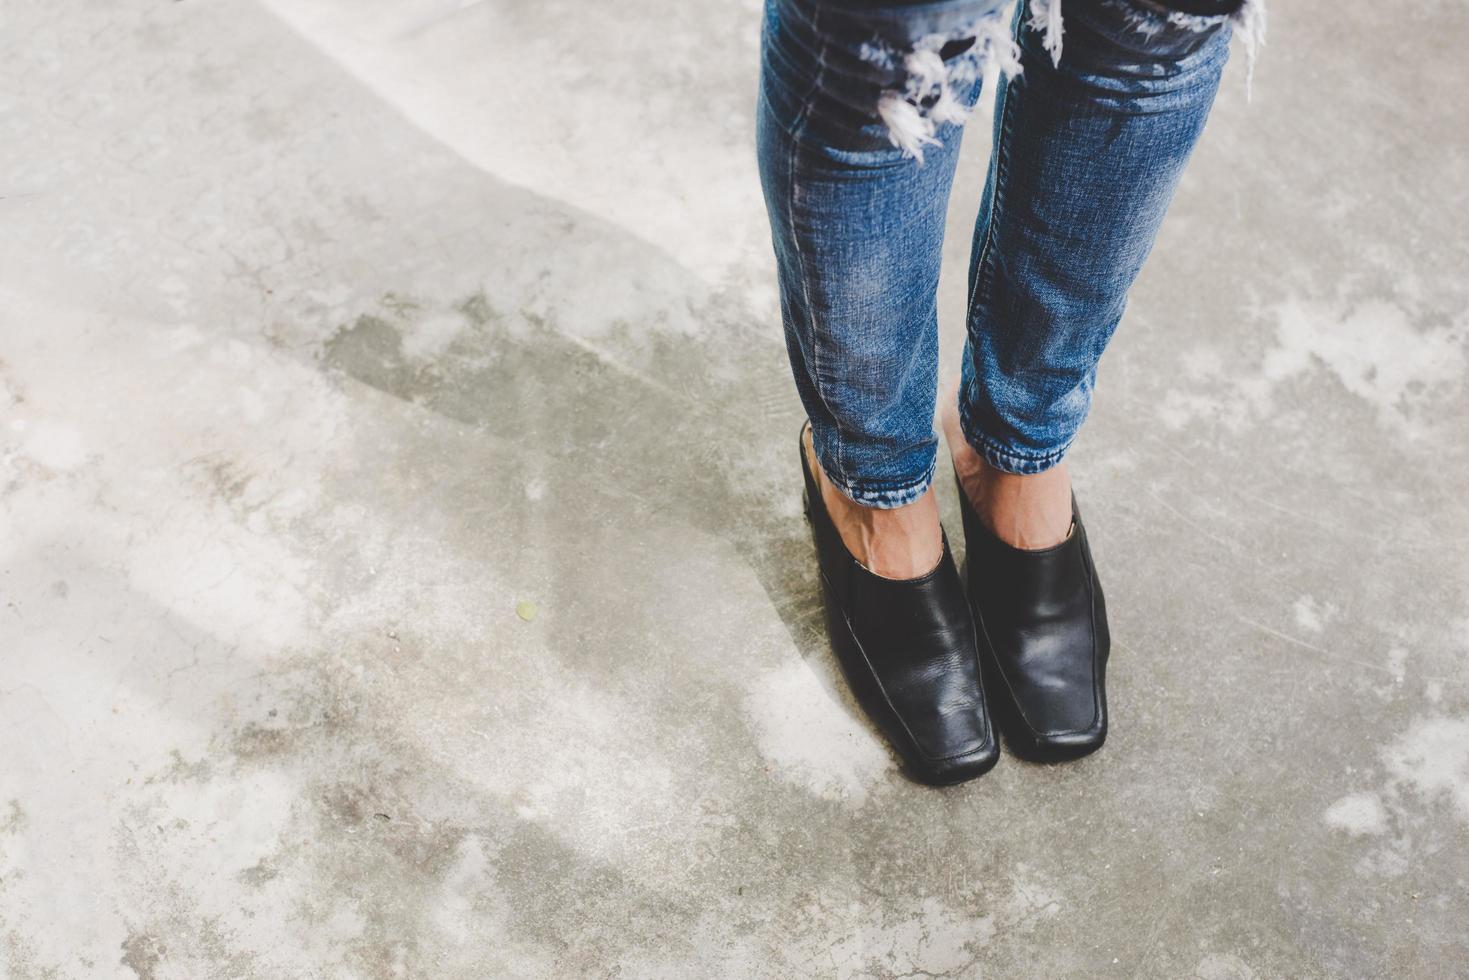 kvinnans ben i jeans foto